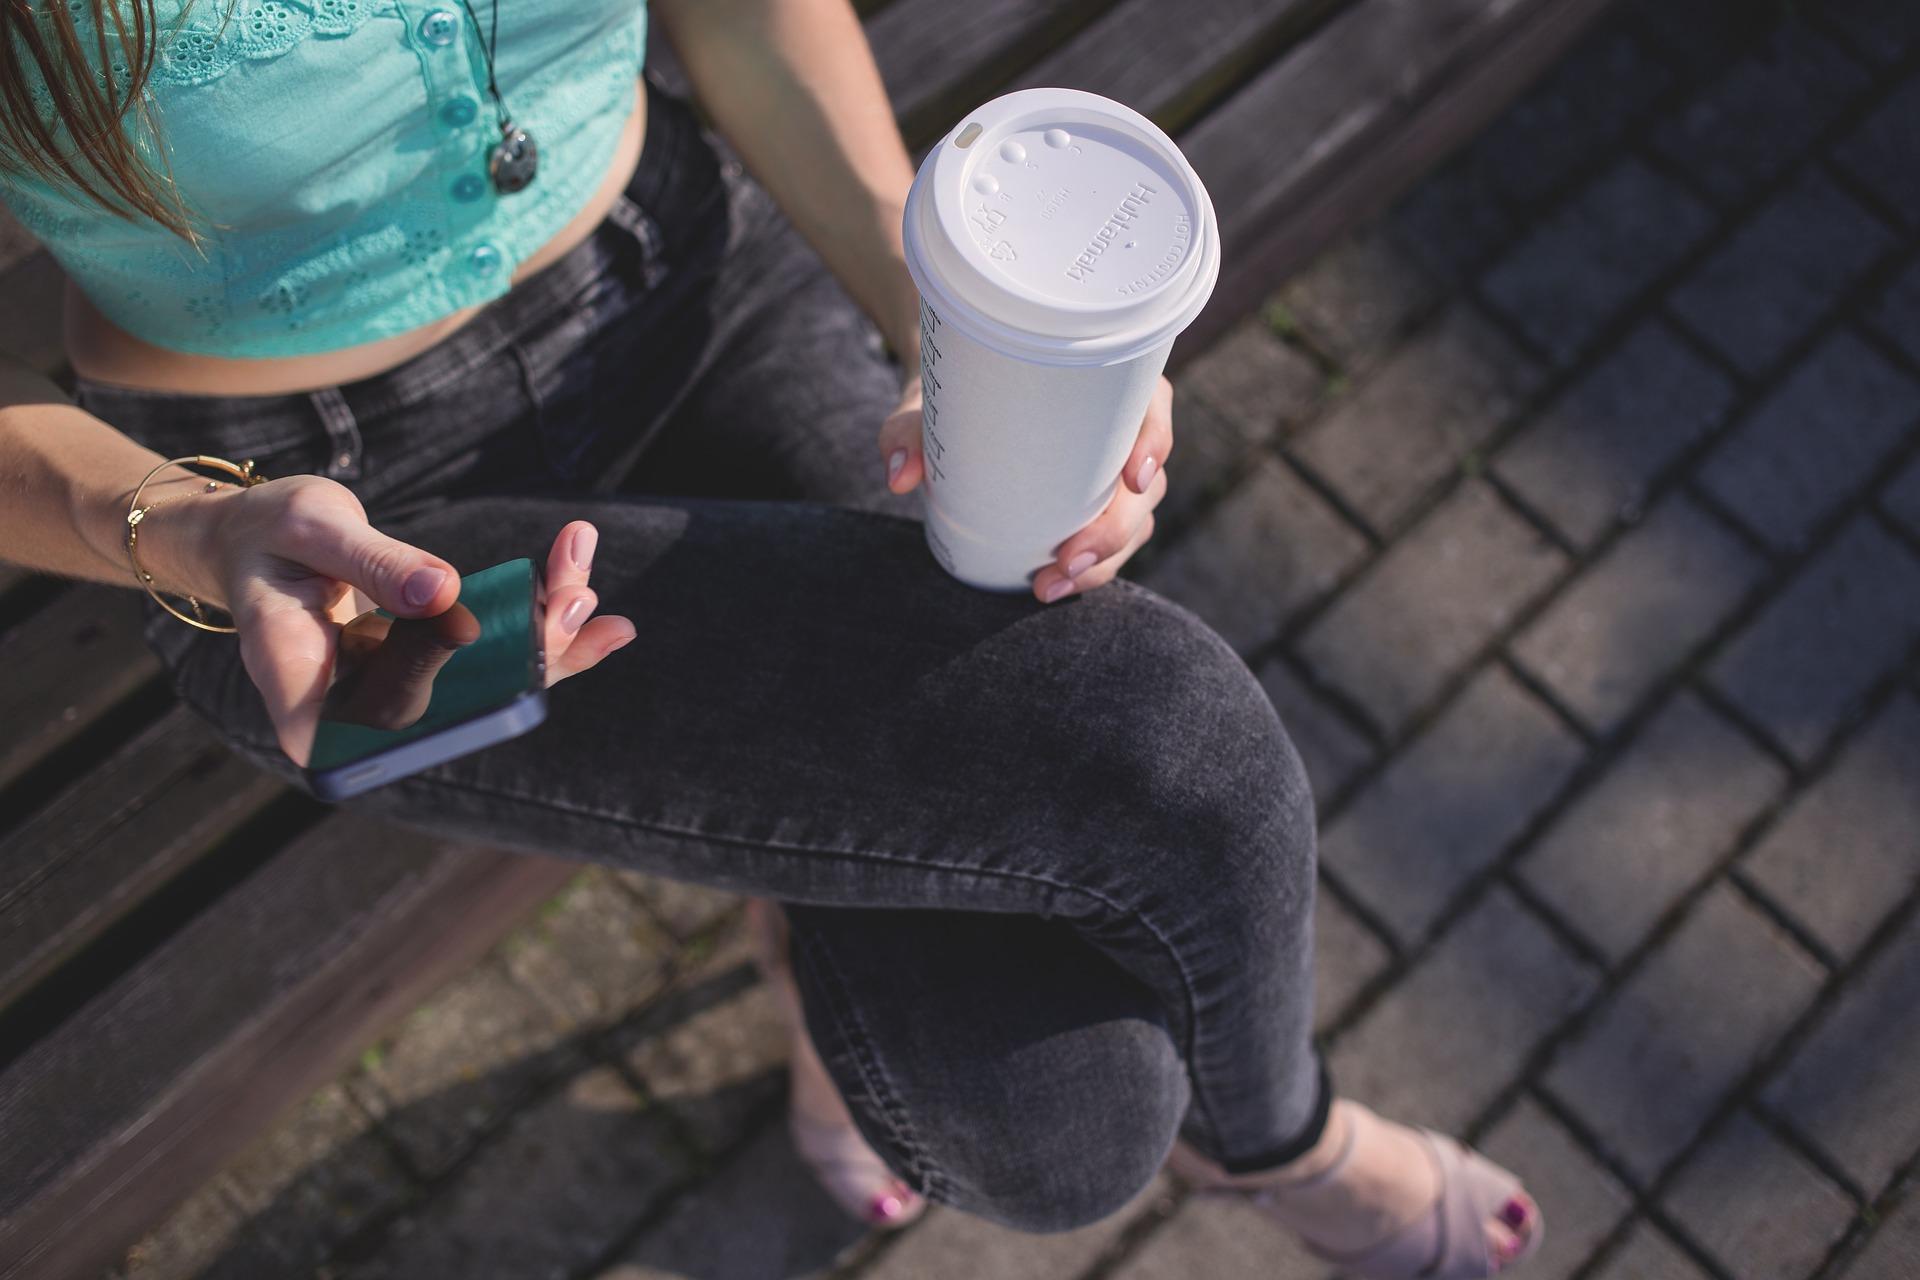 Promotie met koffiebekers wordt steeds populairder in Apeldoorn